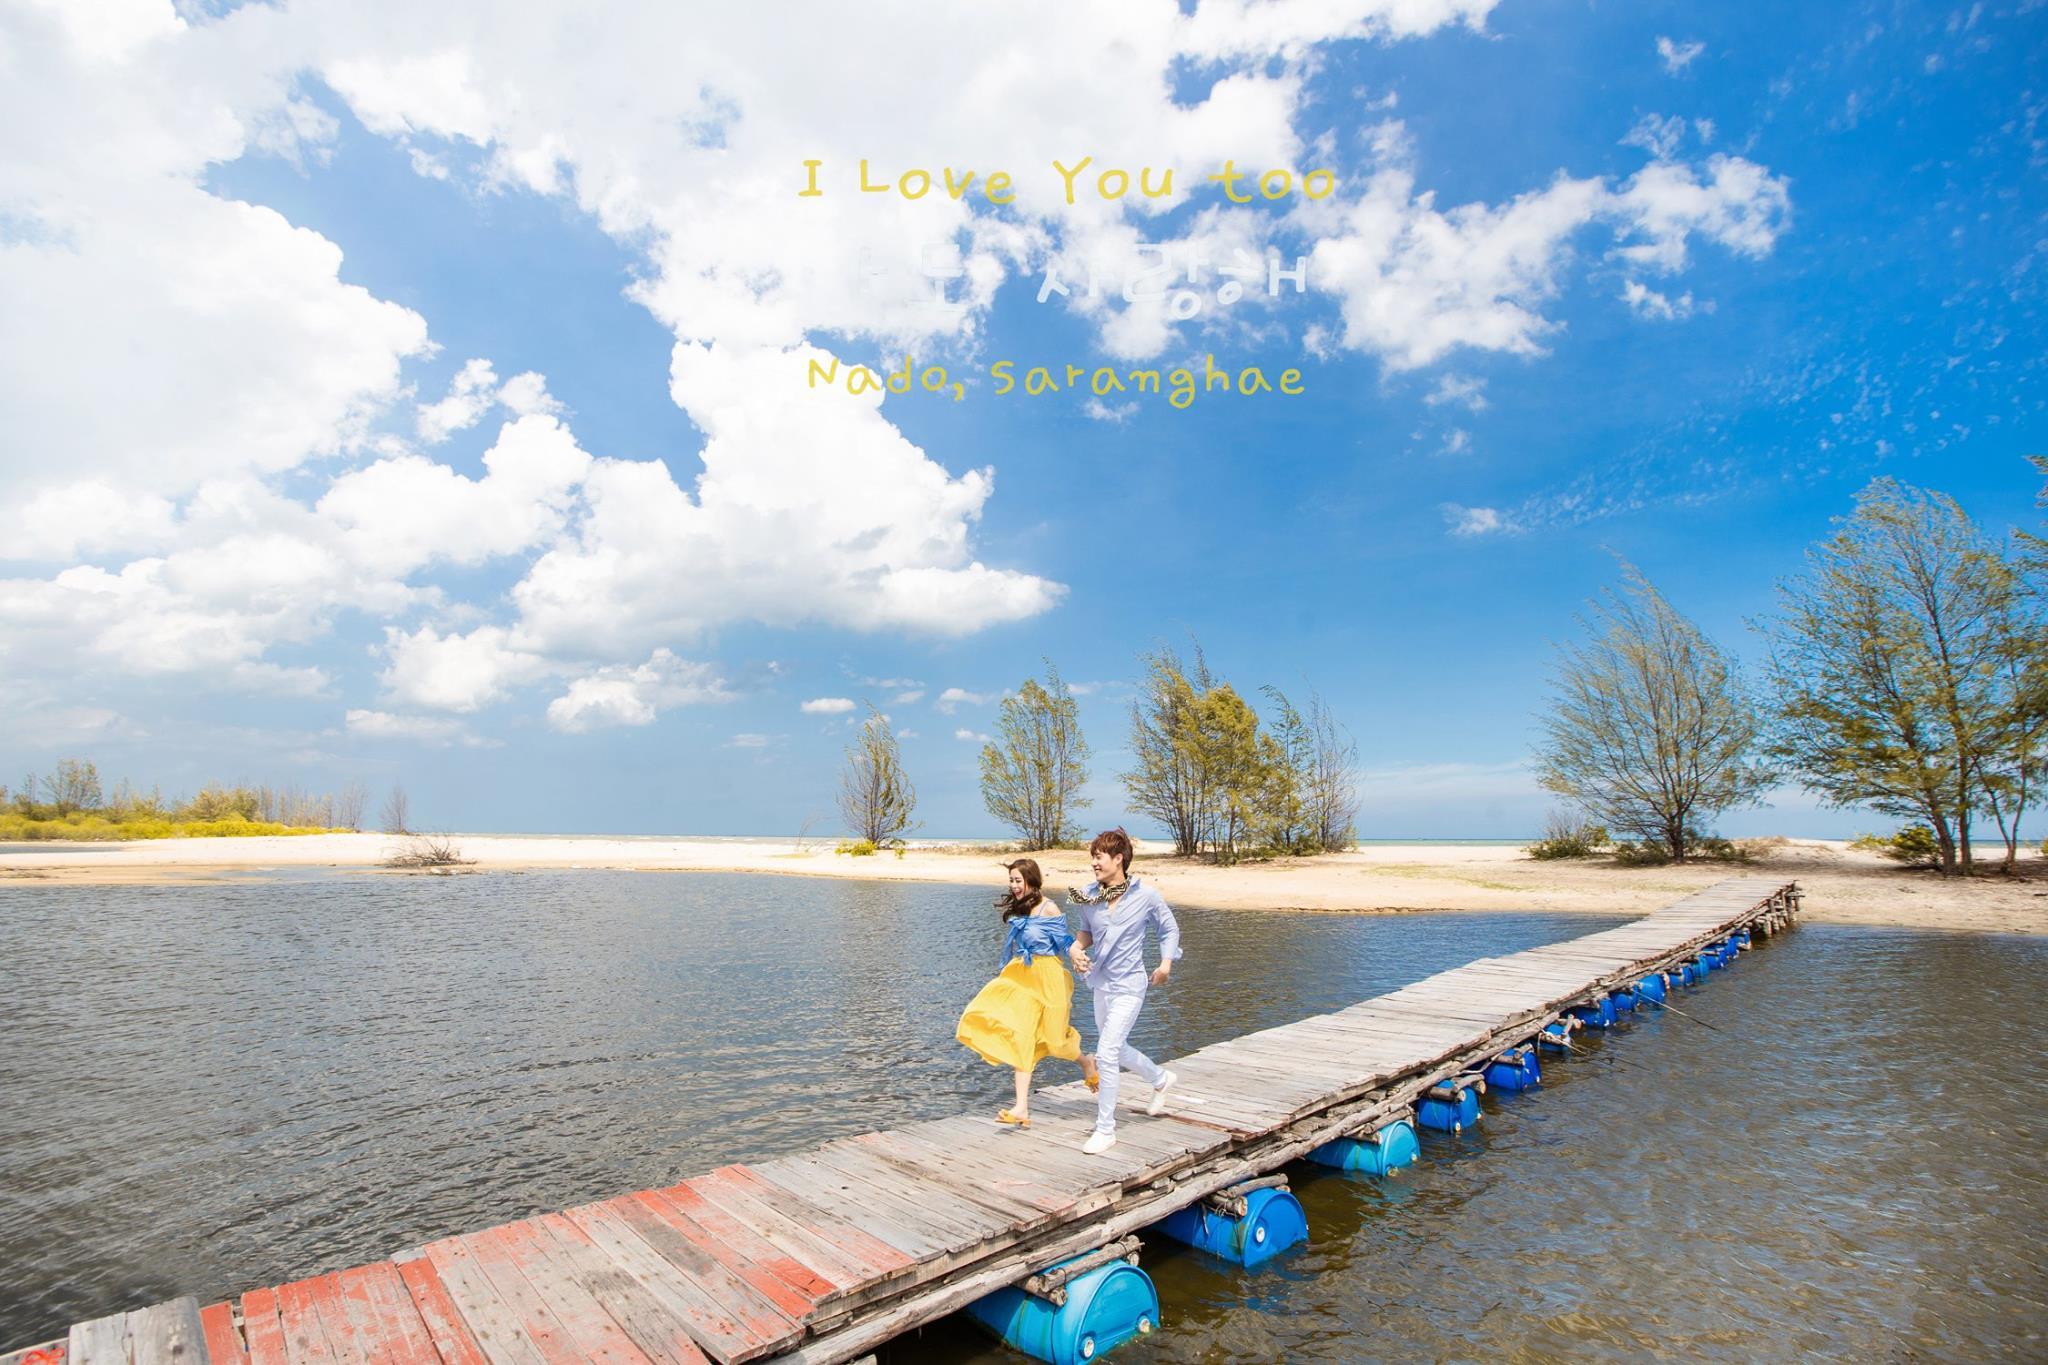 Studio chụp ảnh cưới đẹp Sài Gòn 2019